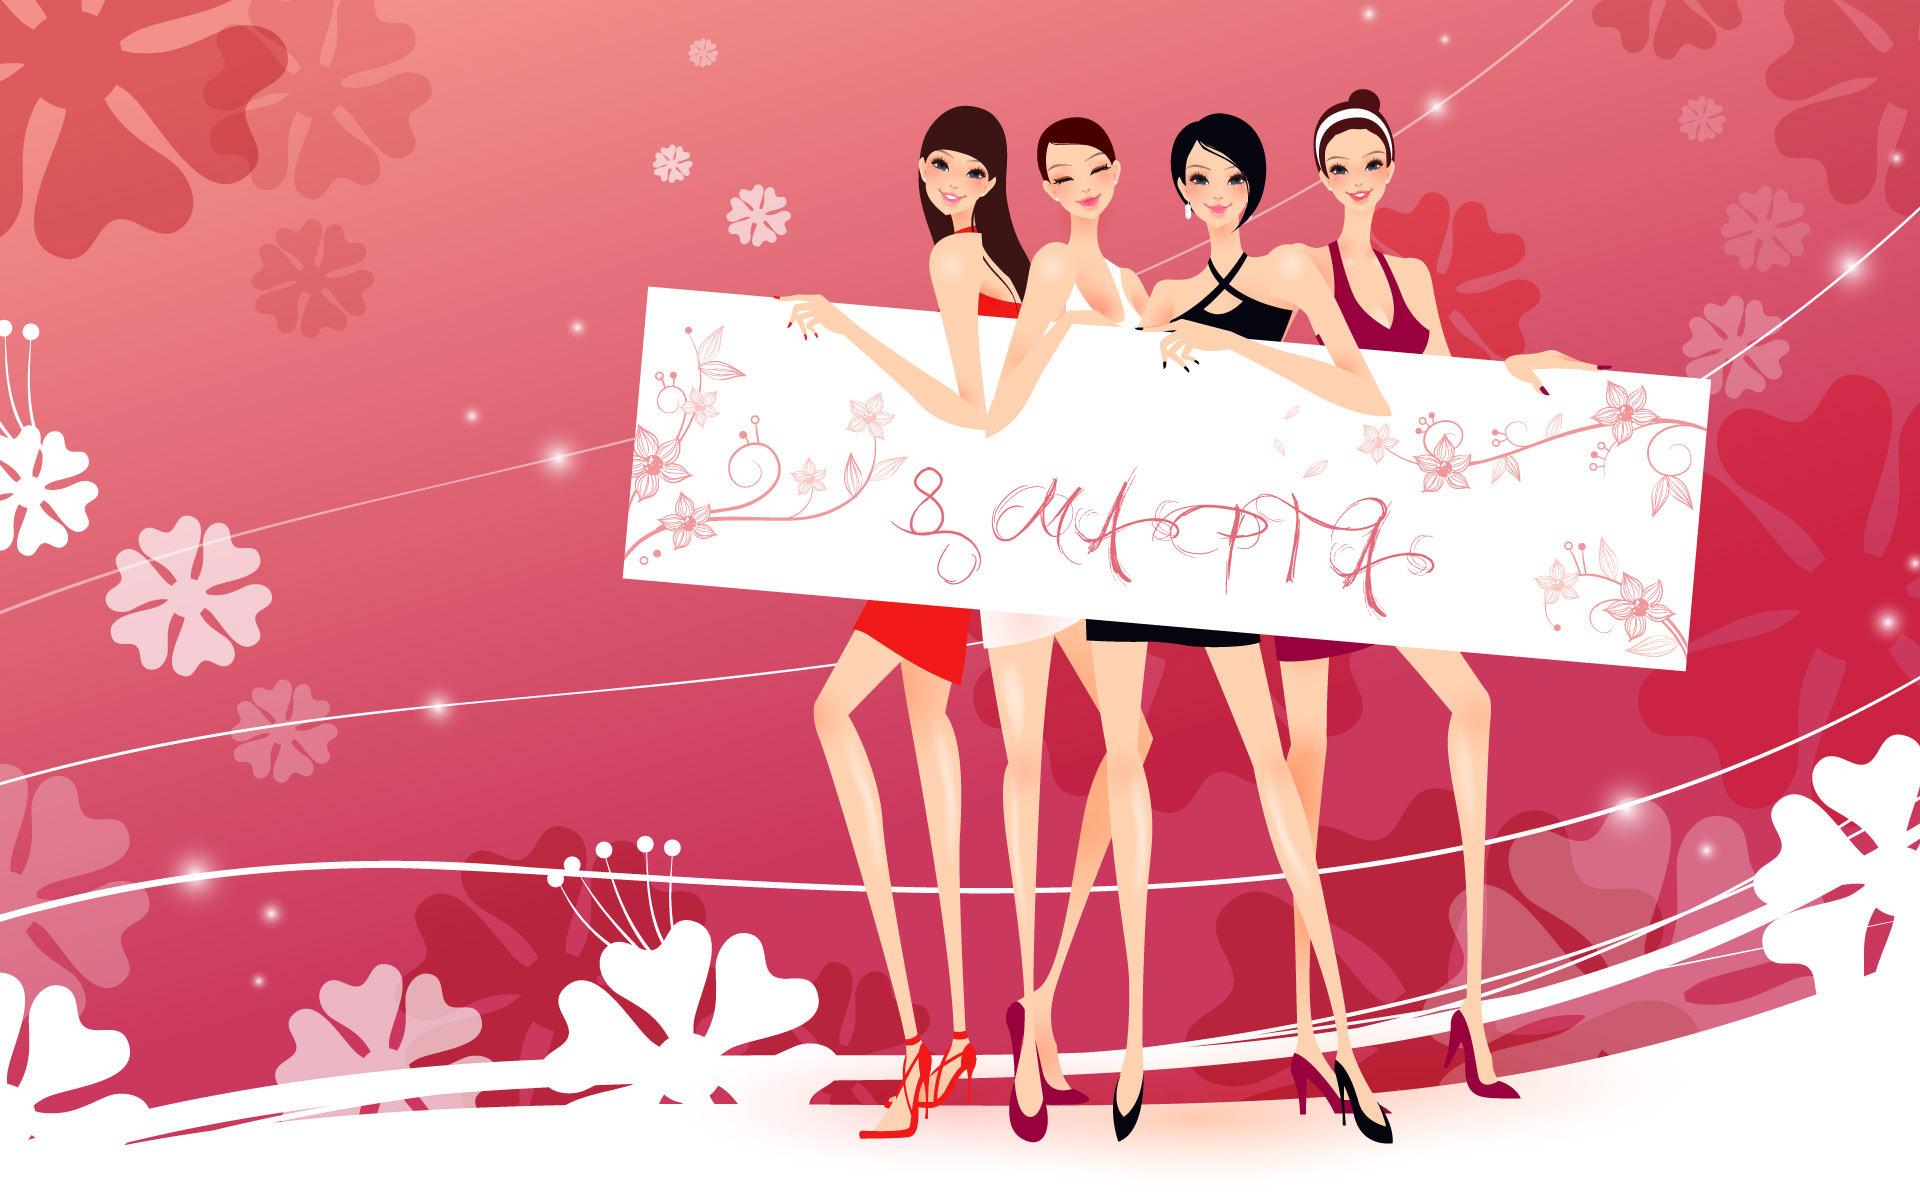 Прикольные открытки с 8 мартом девочек, жизни открытки